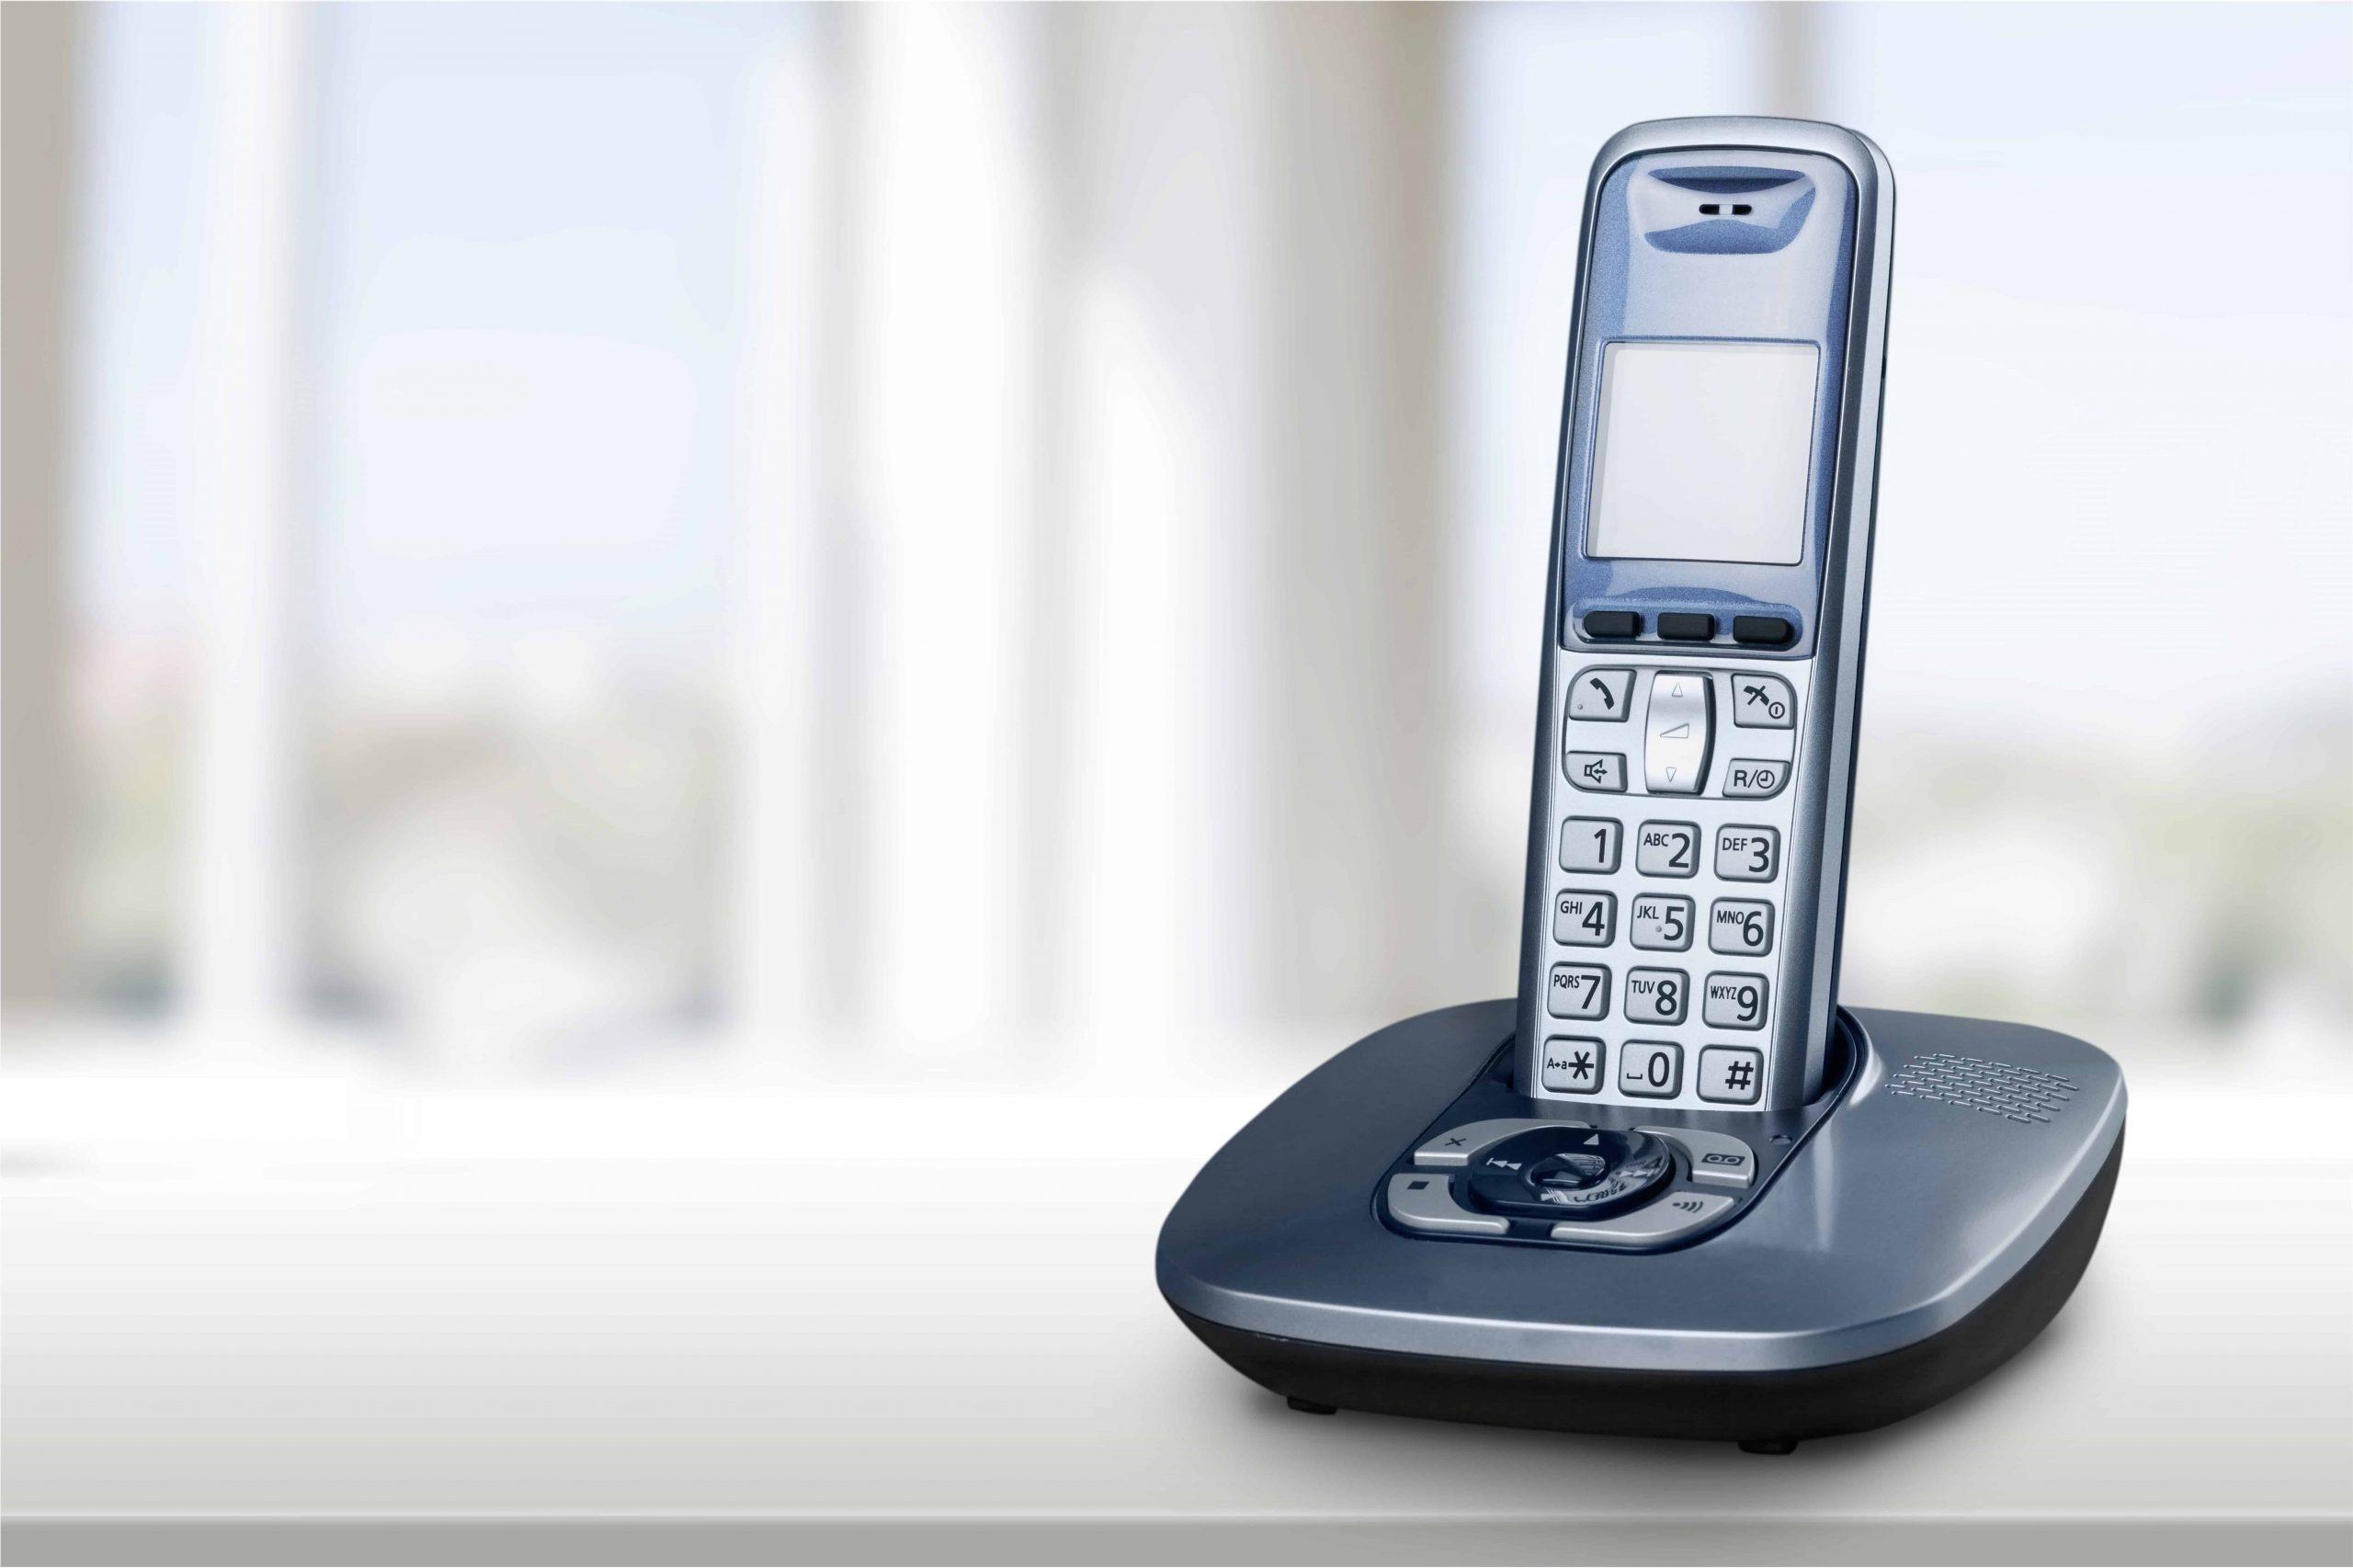 WLAN Telefon: Test & Empfehlungen (04/21)